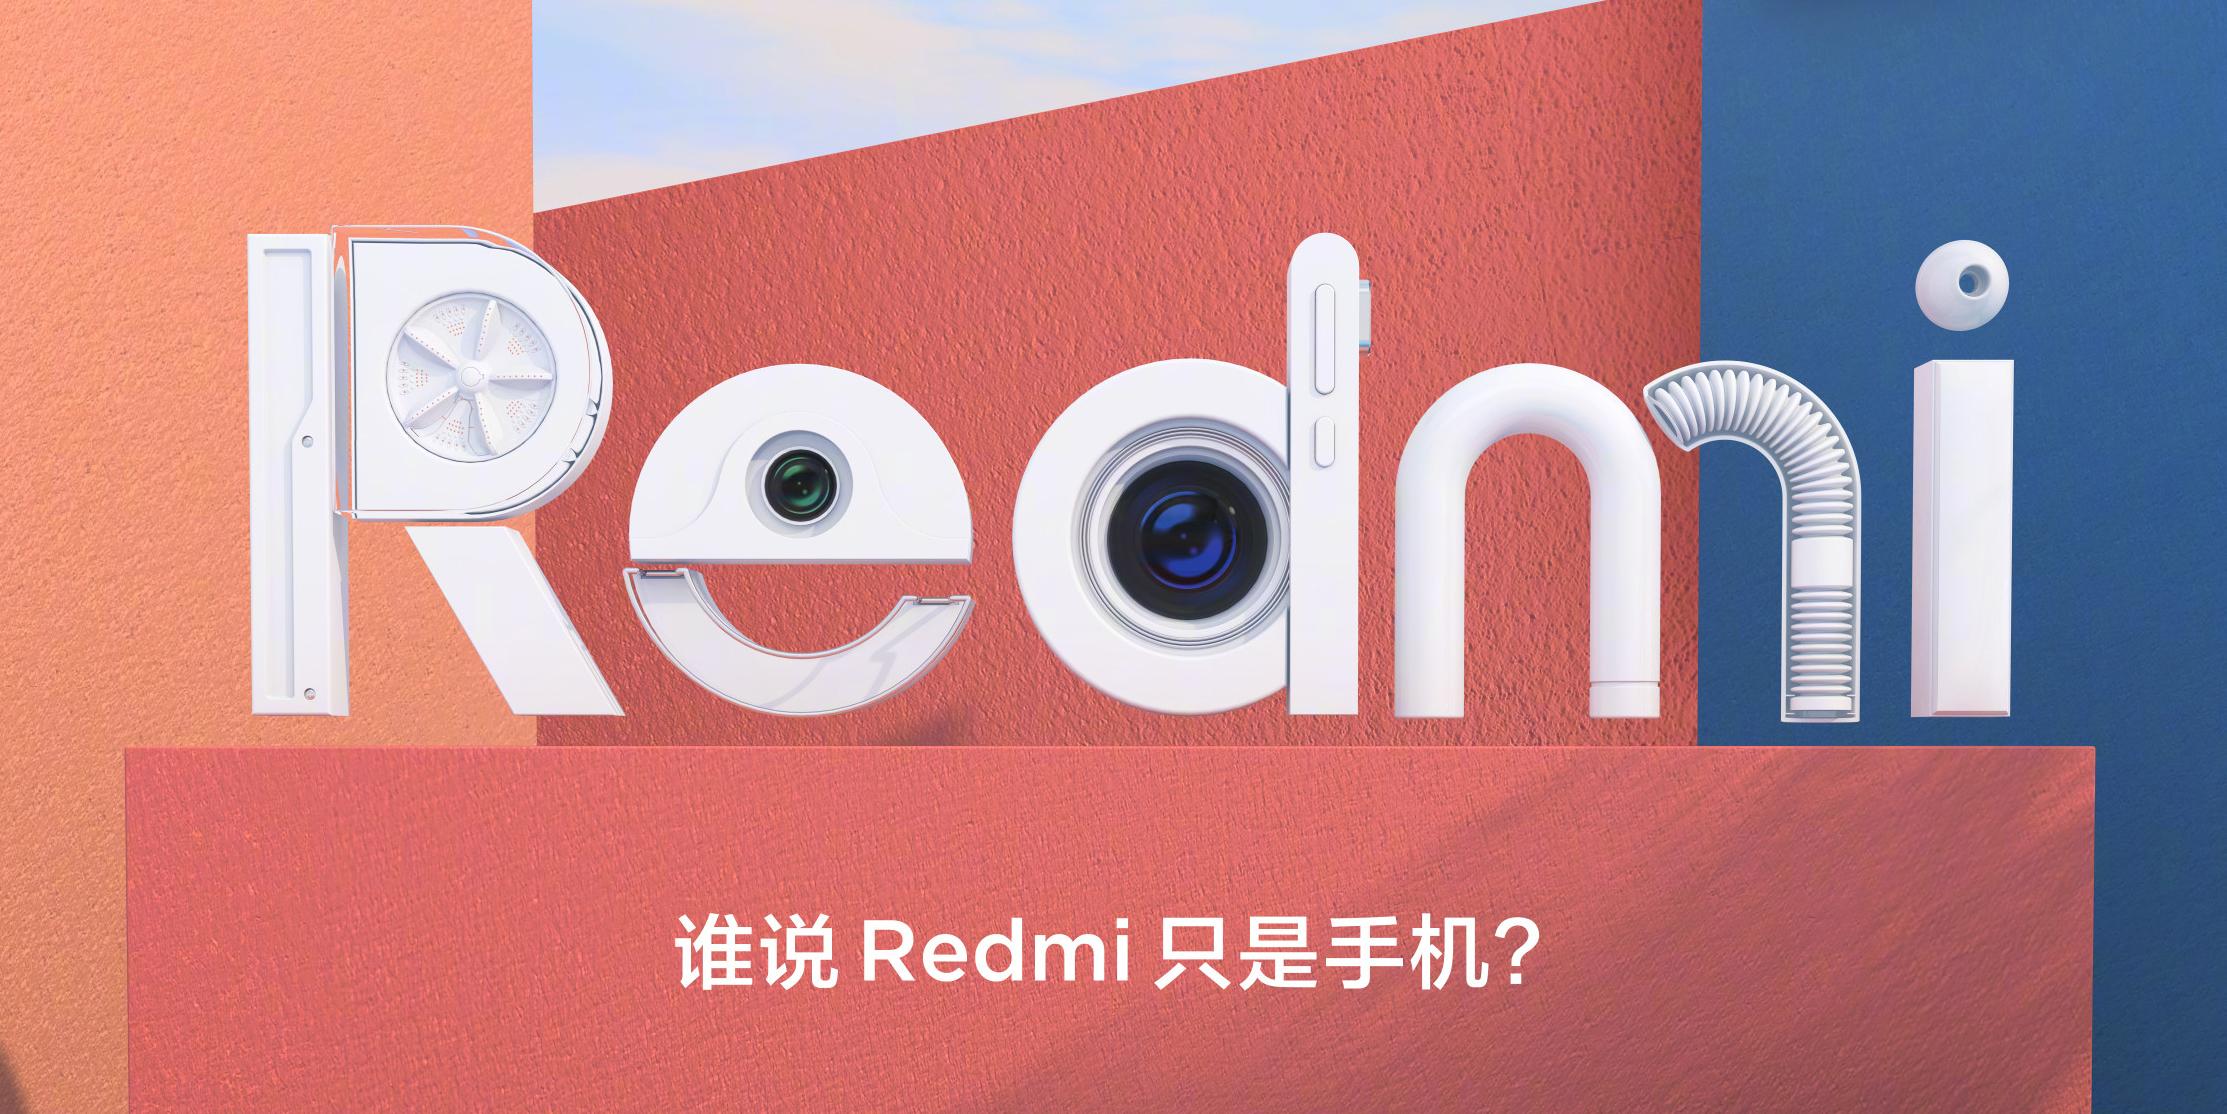 红米最便宜智能家居即将发布 万博manbetx客户端:想断我米家后路?